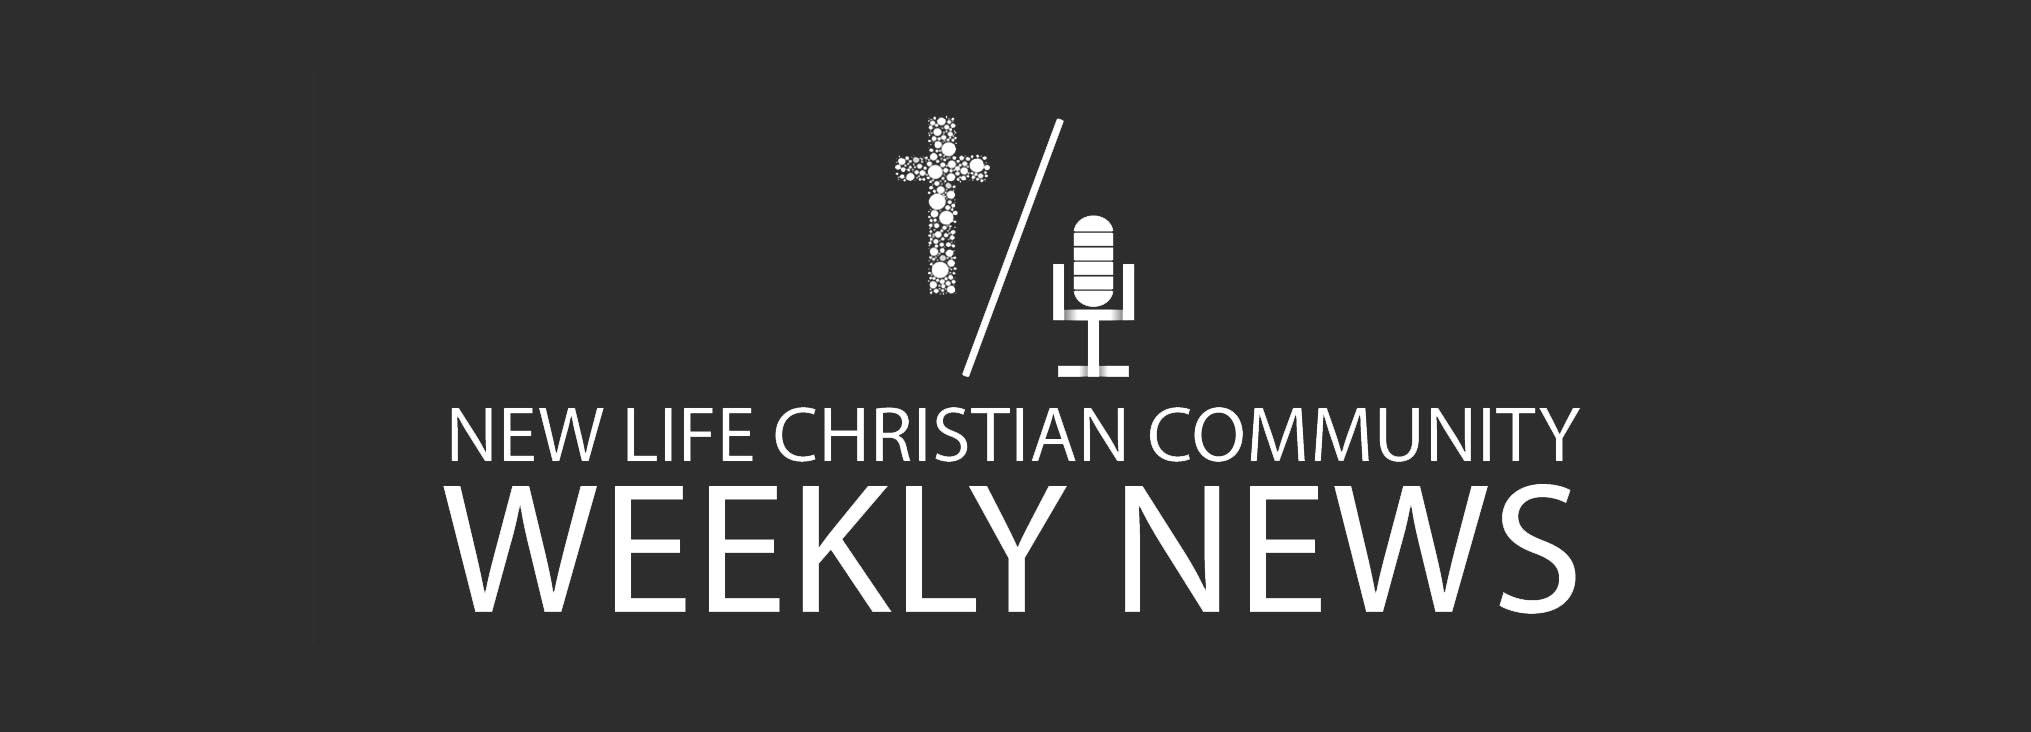 NewLifeWeekly_Cross-banner